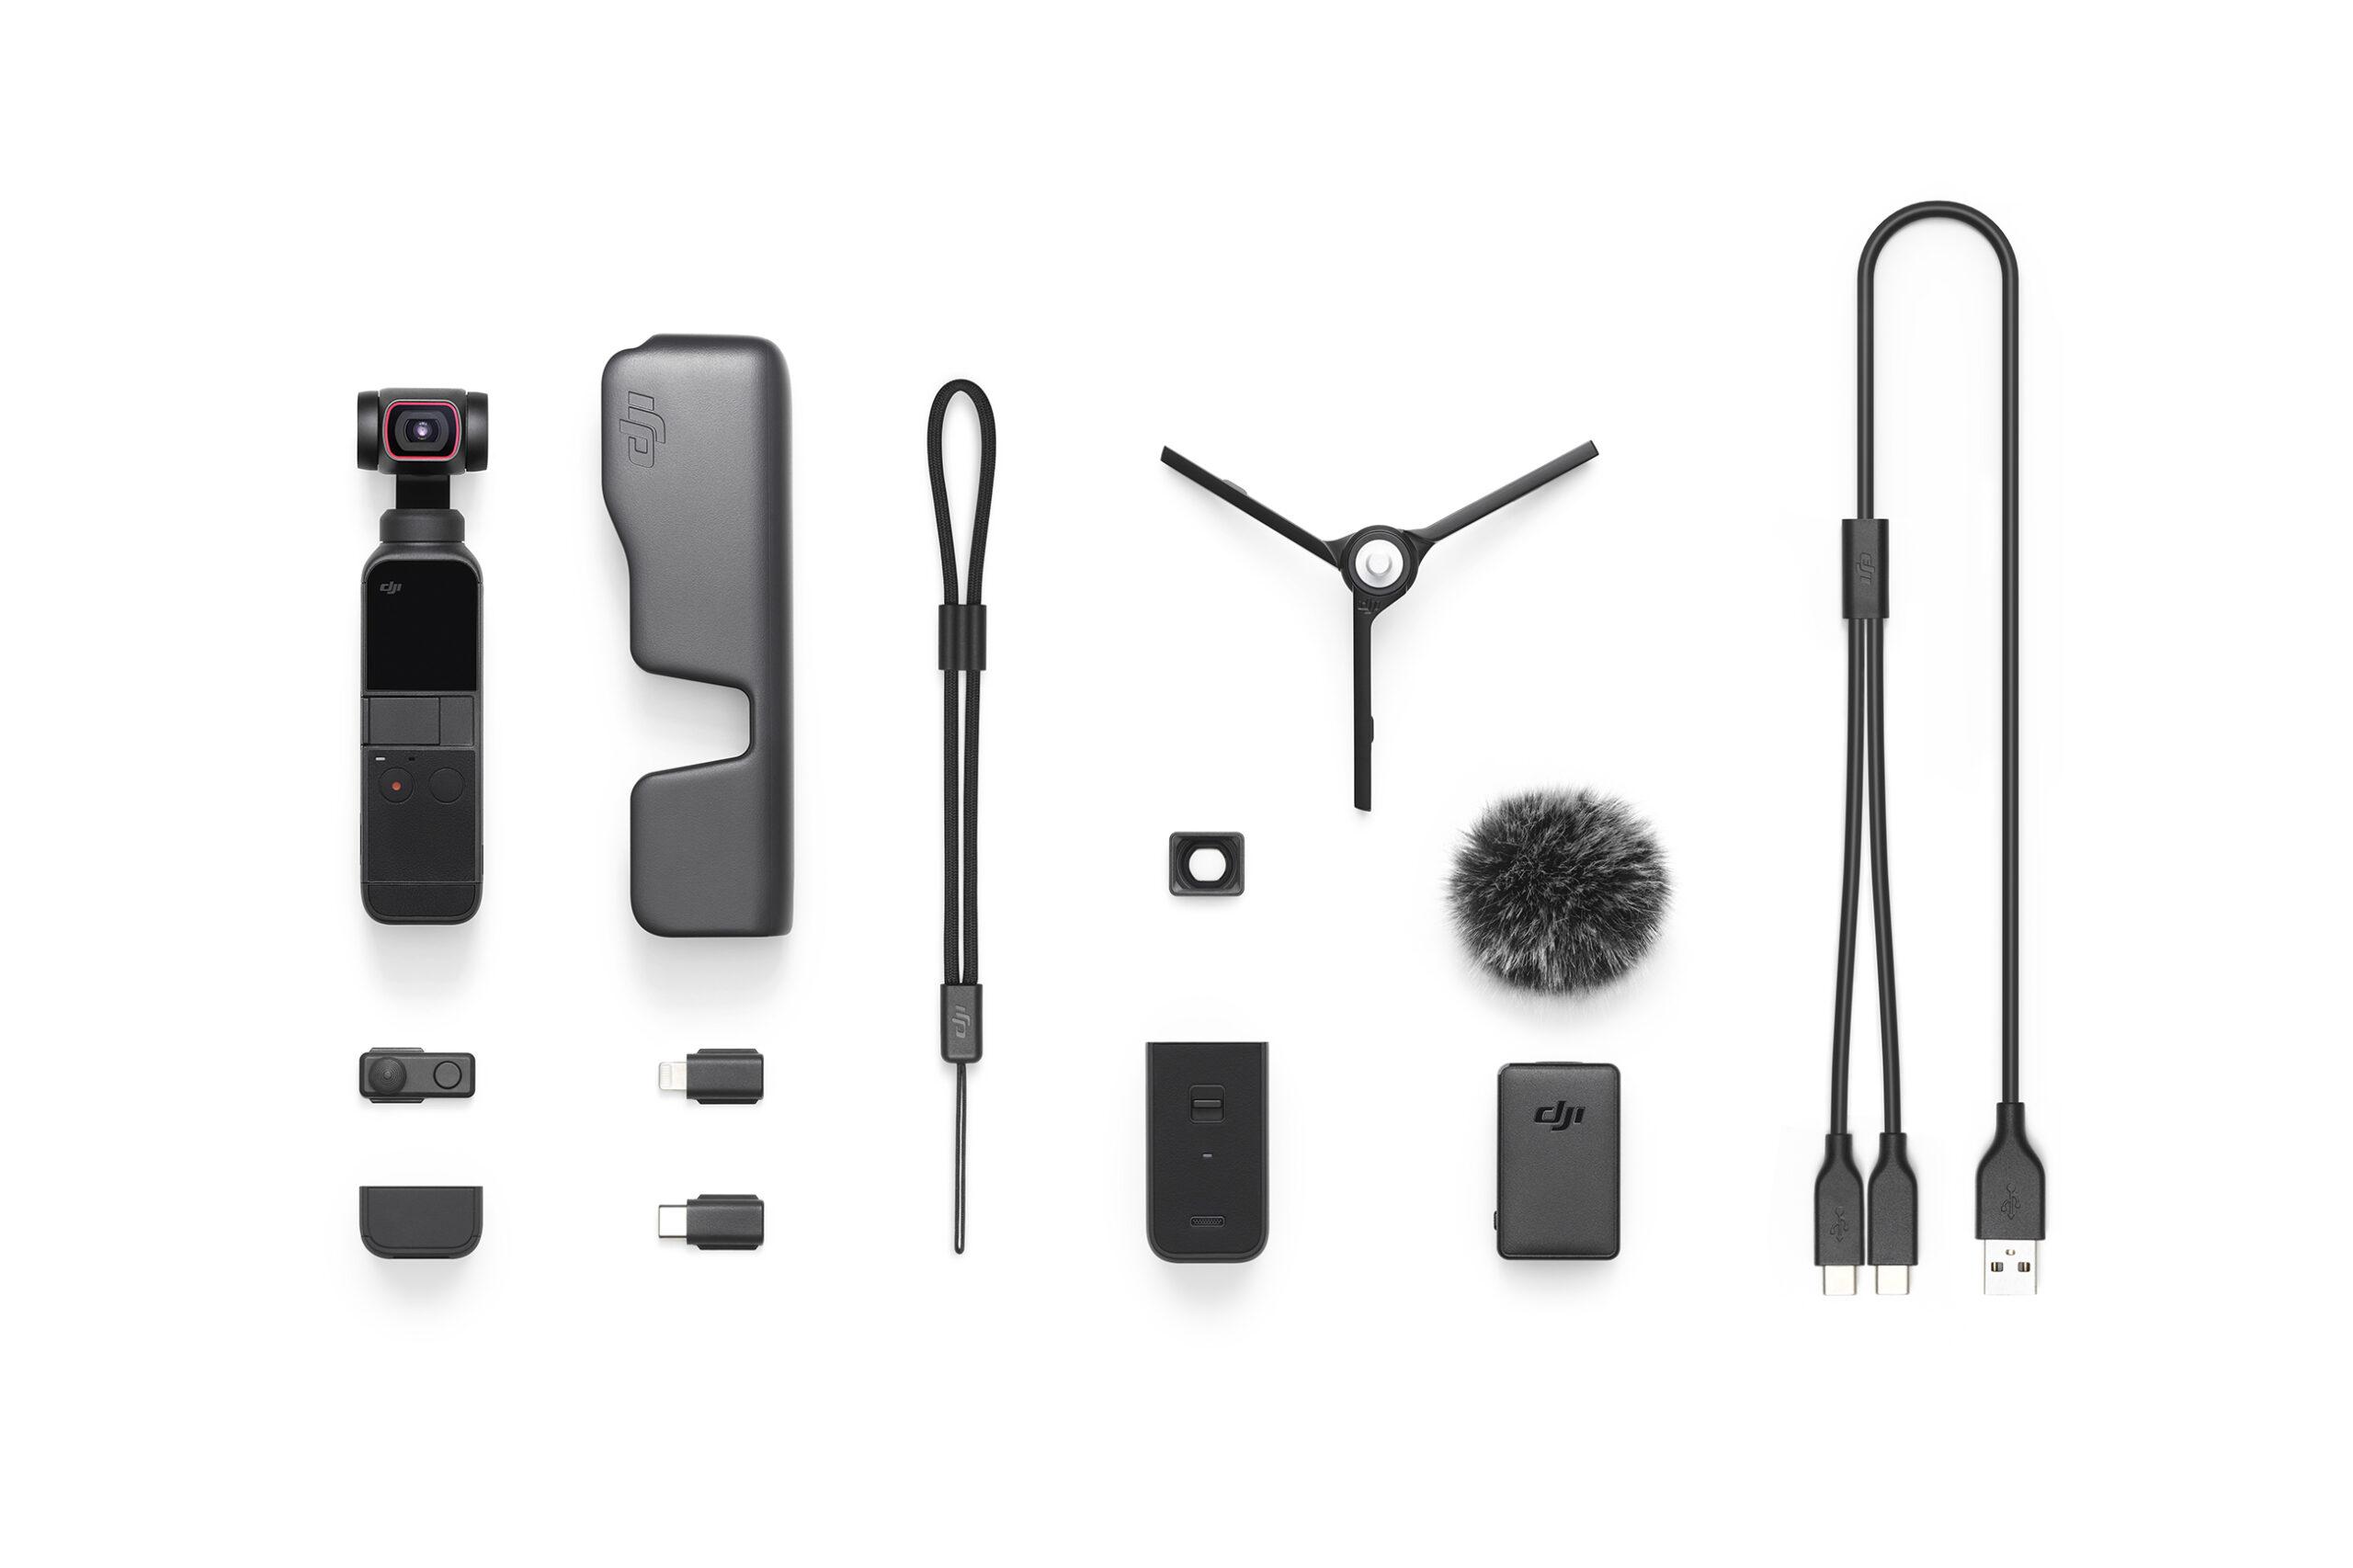 DJI lancia il gimbal tascabile Pocket 2 4K con stabilizzazione a tre assi 4